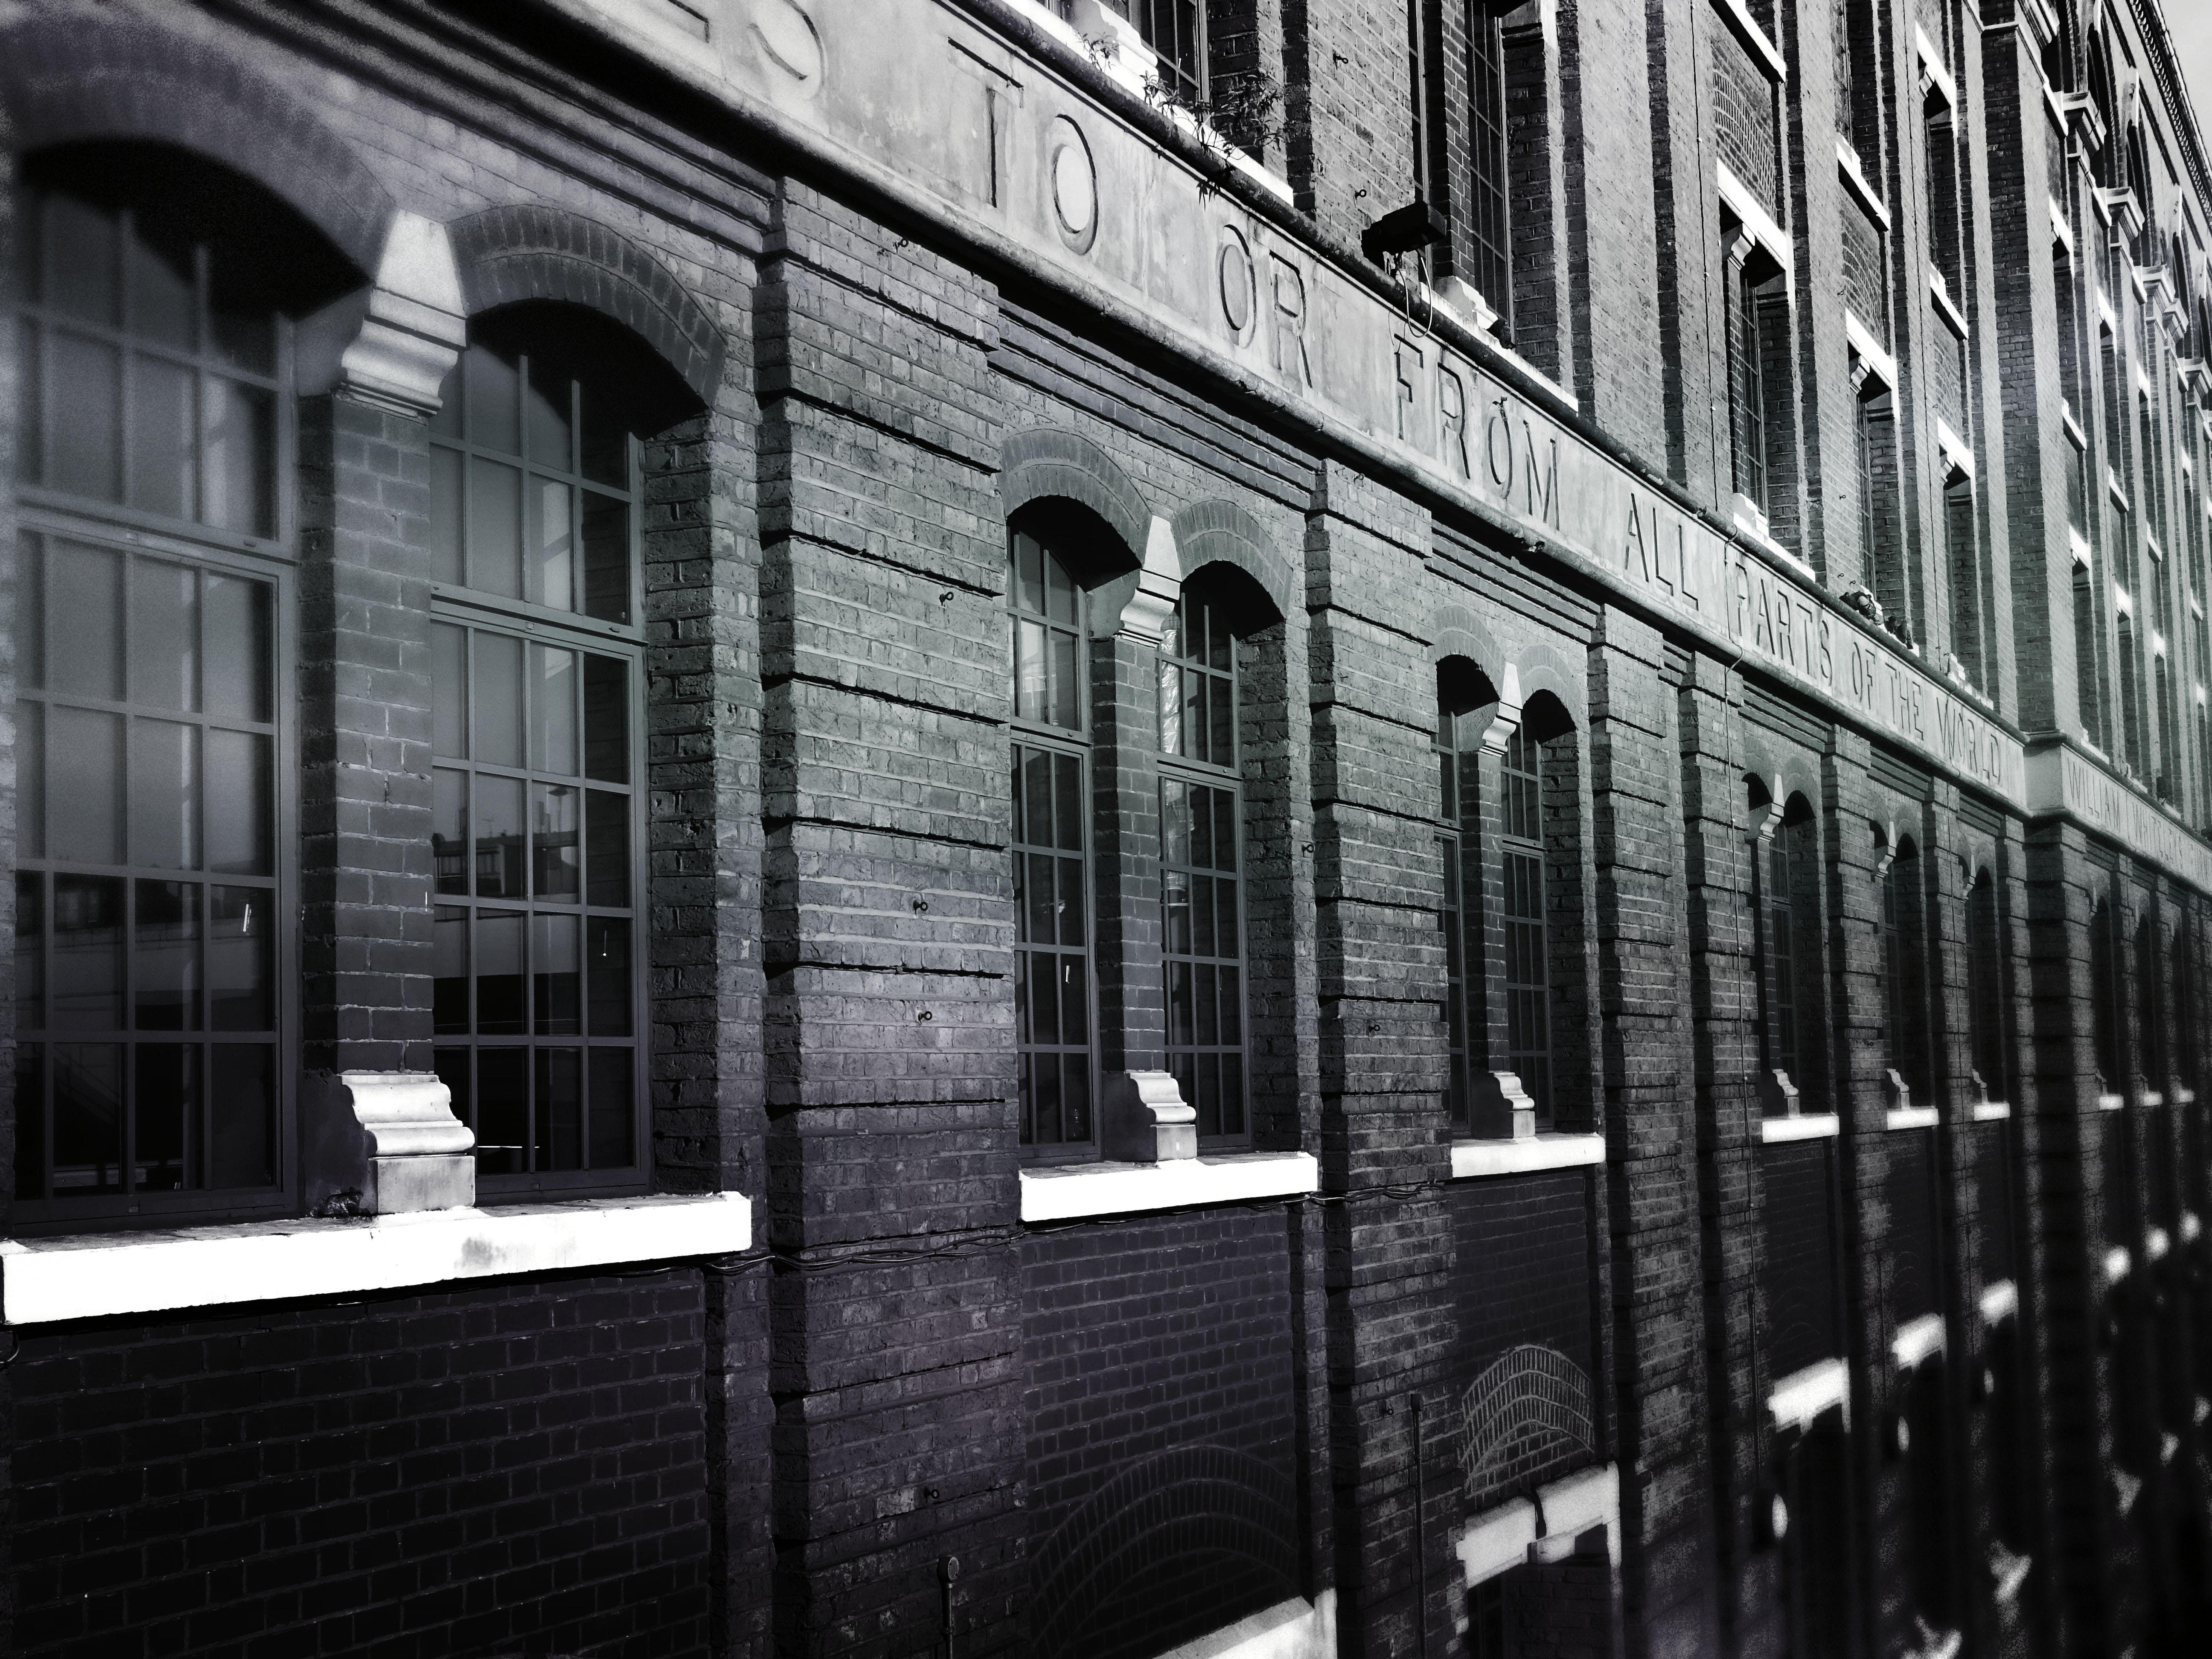 Fotos de stock gratuitas de arquitectura, artículos de cristal, calle, cristal